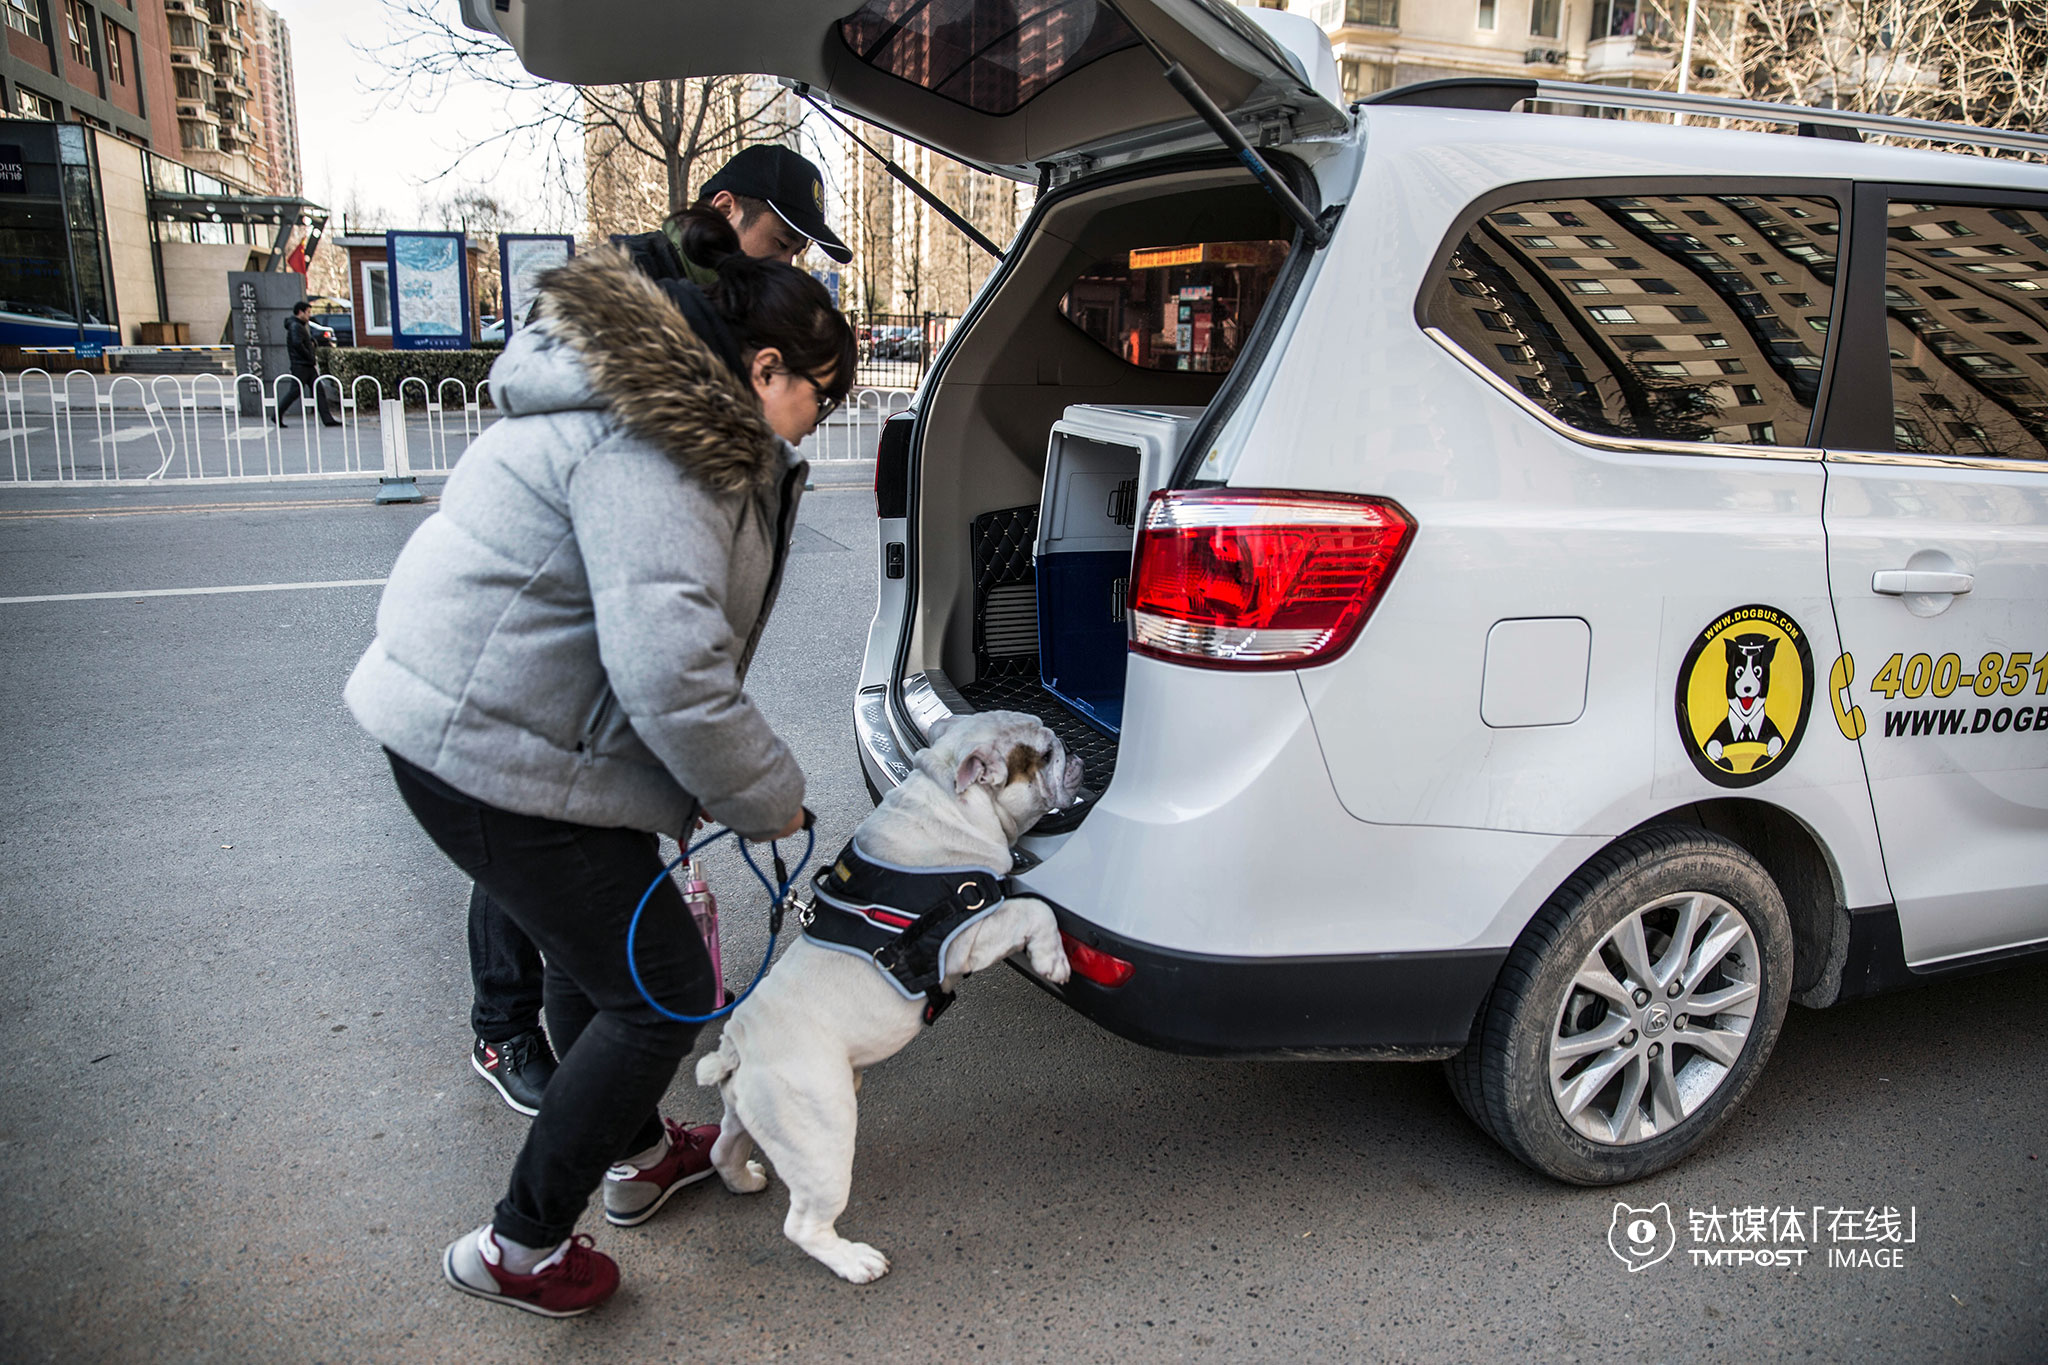 2016年2月20日,北京双井,一辆狗狗专车到某小区门口接一位用户和她的宠物狗,这位用户要带着狗去北三环一家宠物乐园。目前,狗狗专车收费3.8元/公里,不设起步价和时长费,用户在微信服务号预约页面输入起始点即可知道实际运送费用。